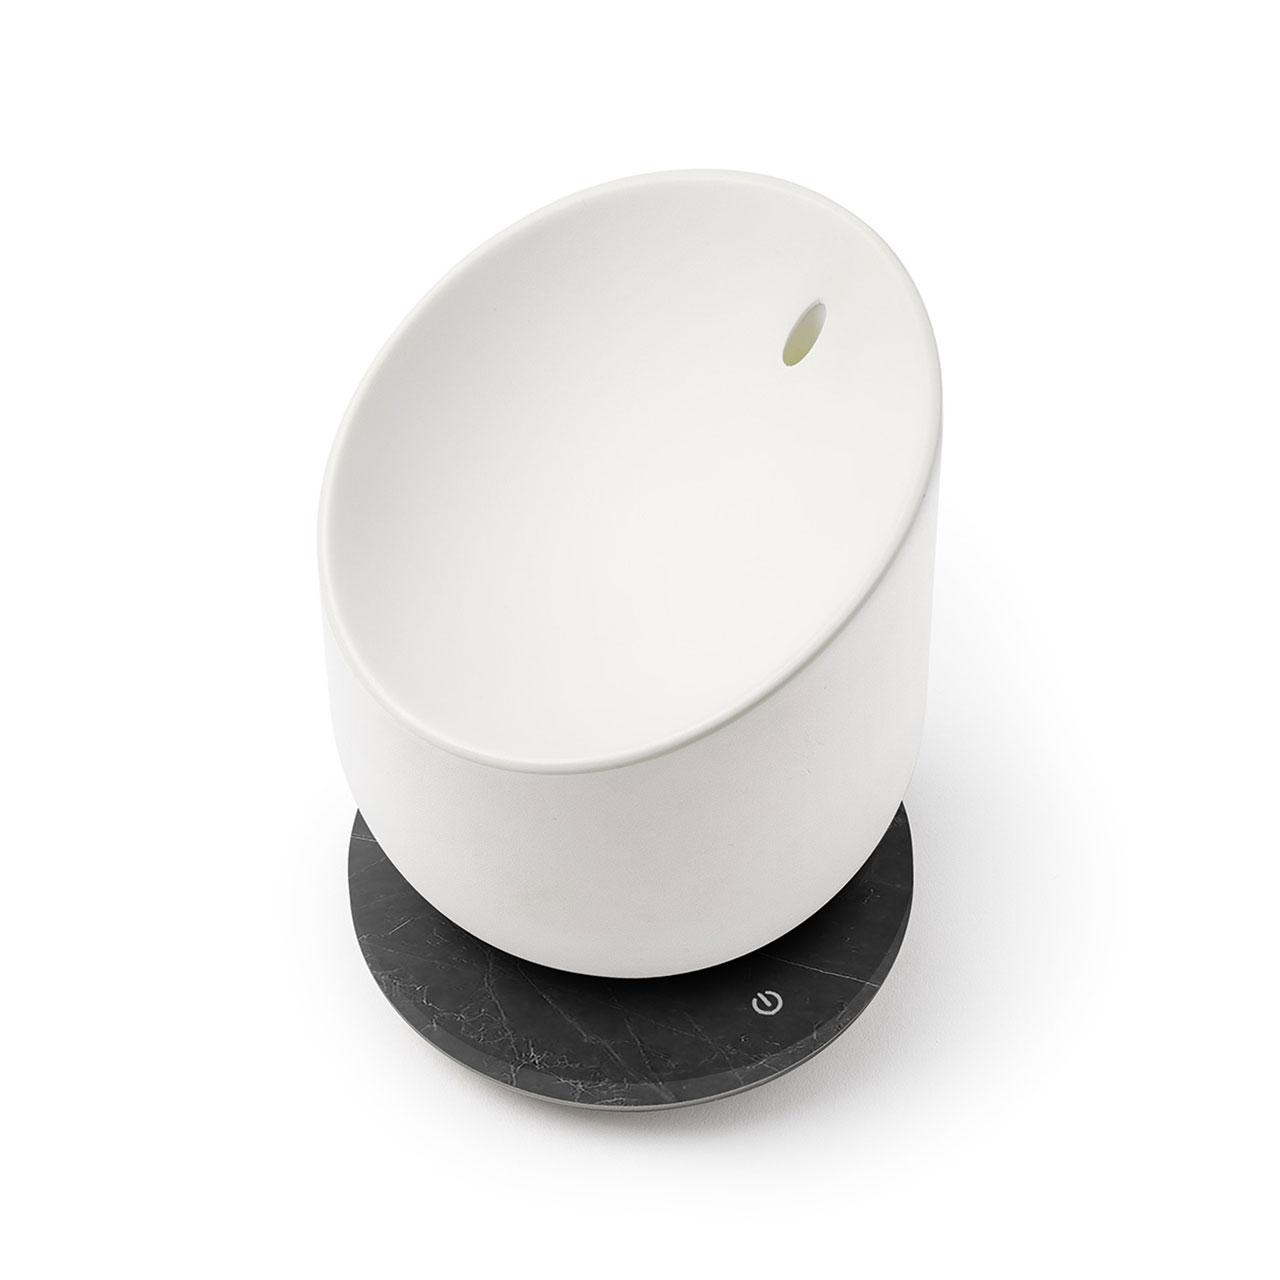 LEXON Miami Scent Aroma Diffuser Gunmetal/Black Marble| The Design Gift Shop